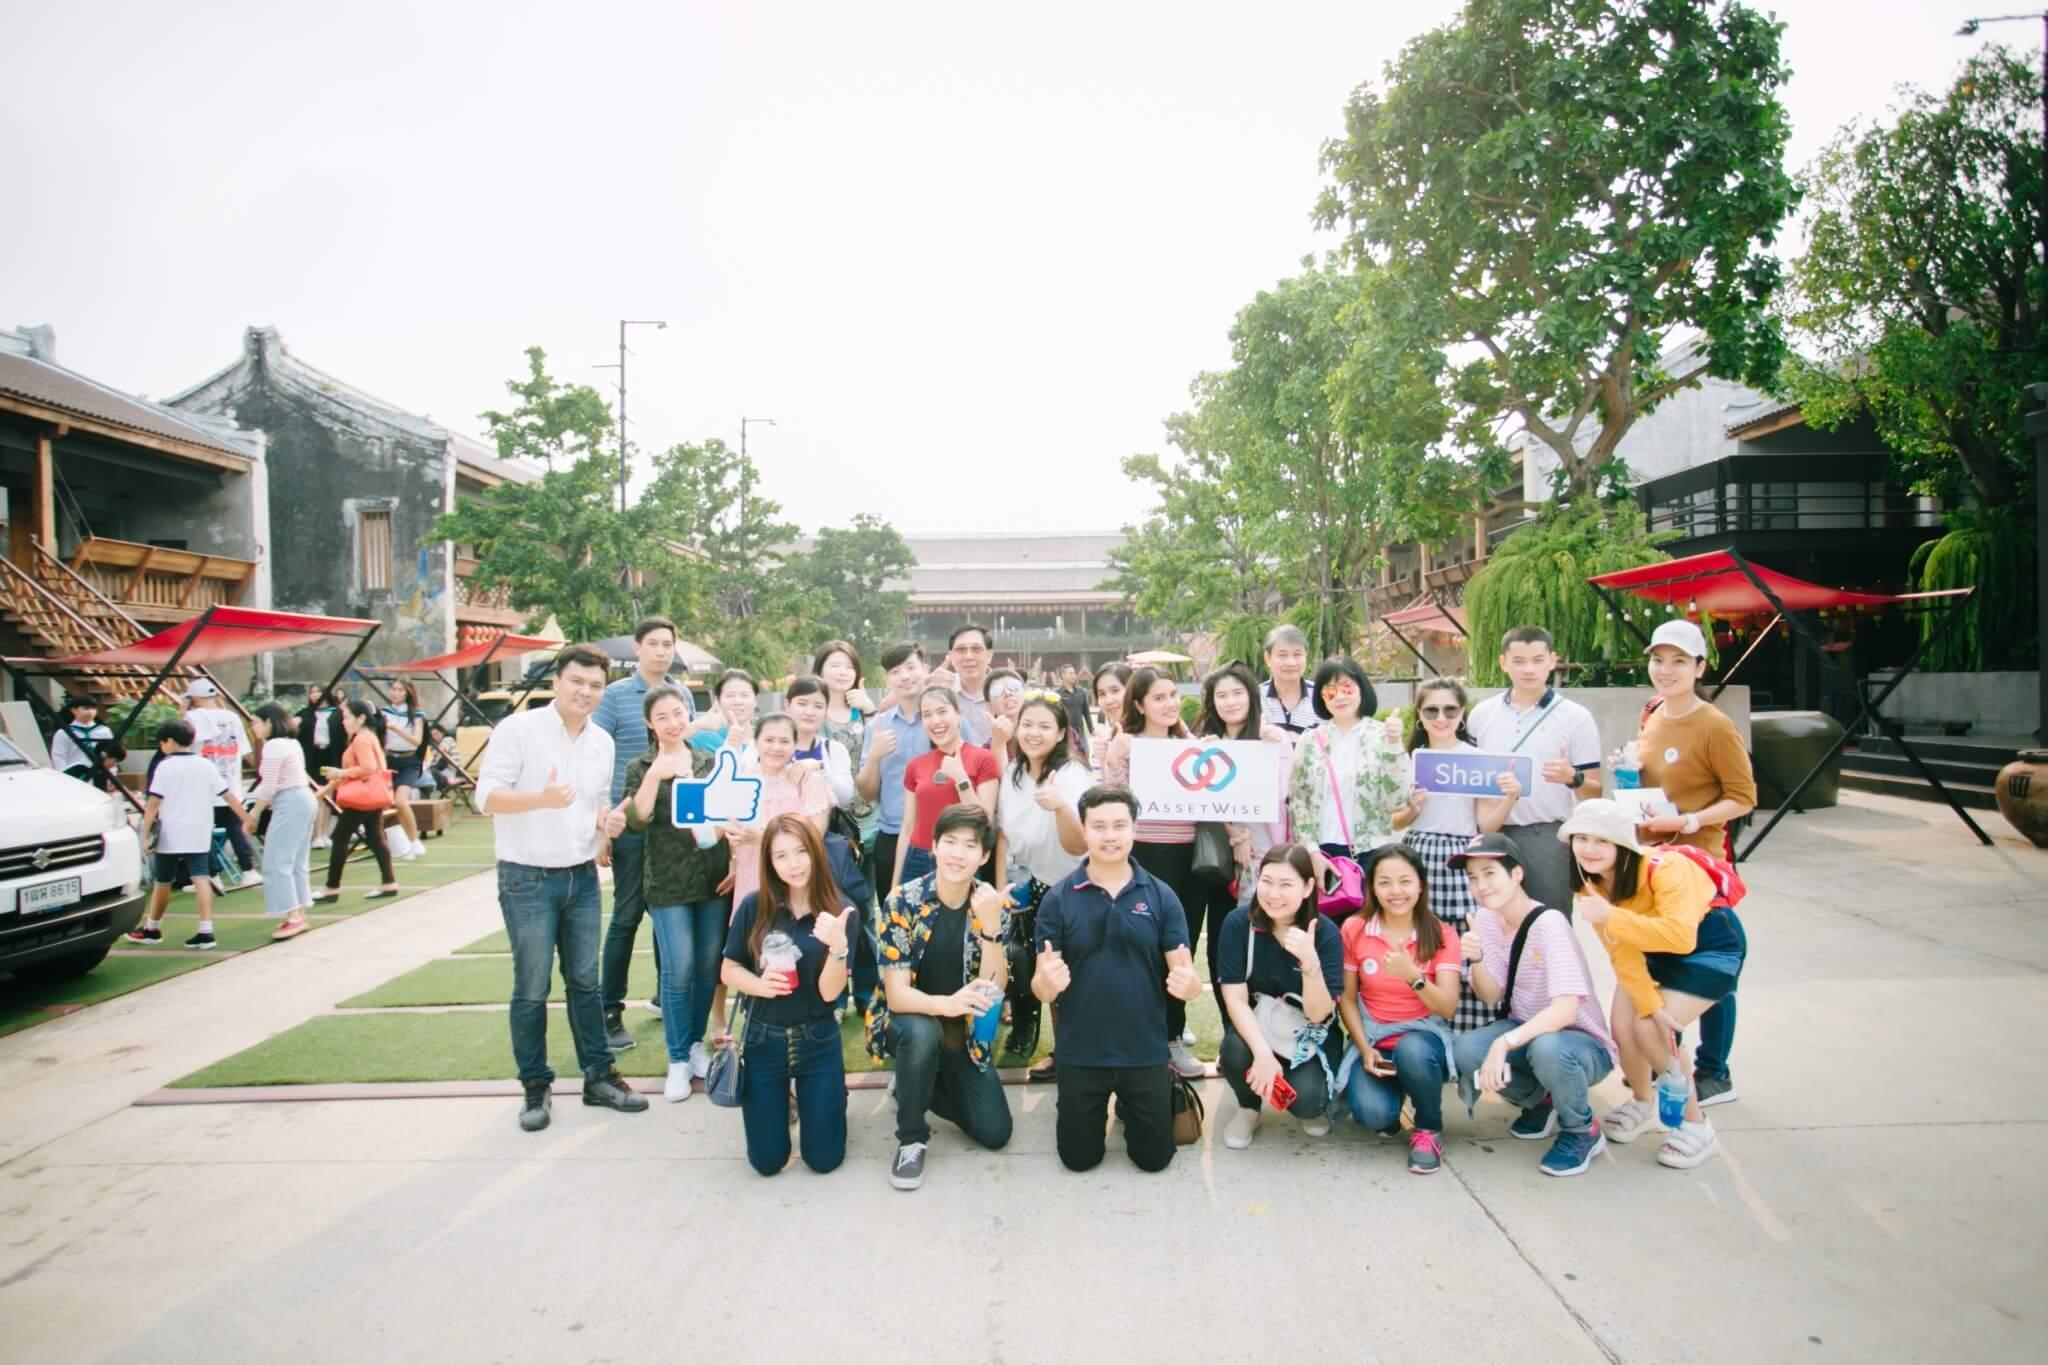 รวมภาพบรรยากาศกิจกรรม Happy Good Day Trip ครั้งที่ 2 เฮง & Health Cruise